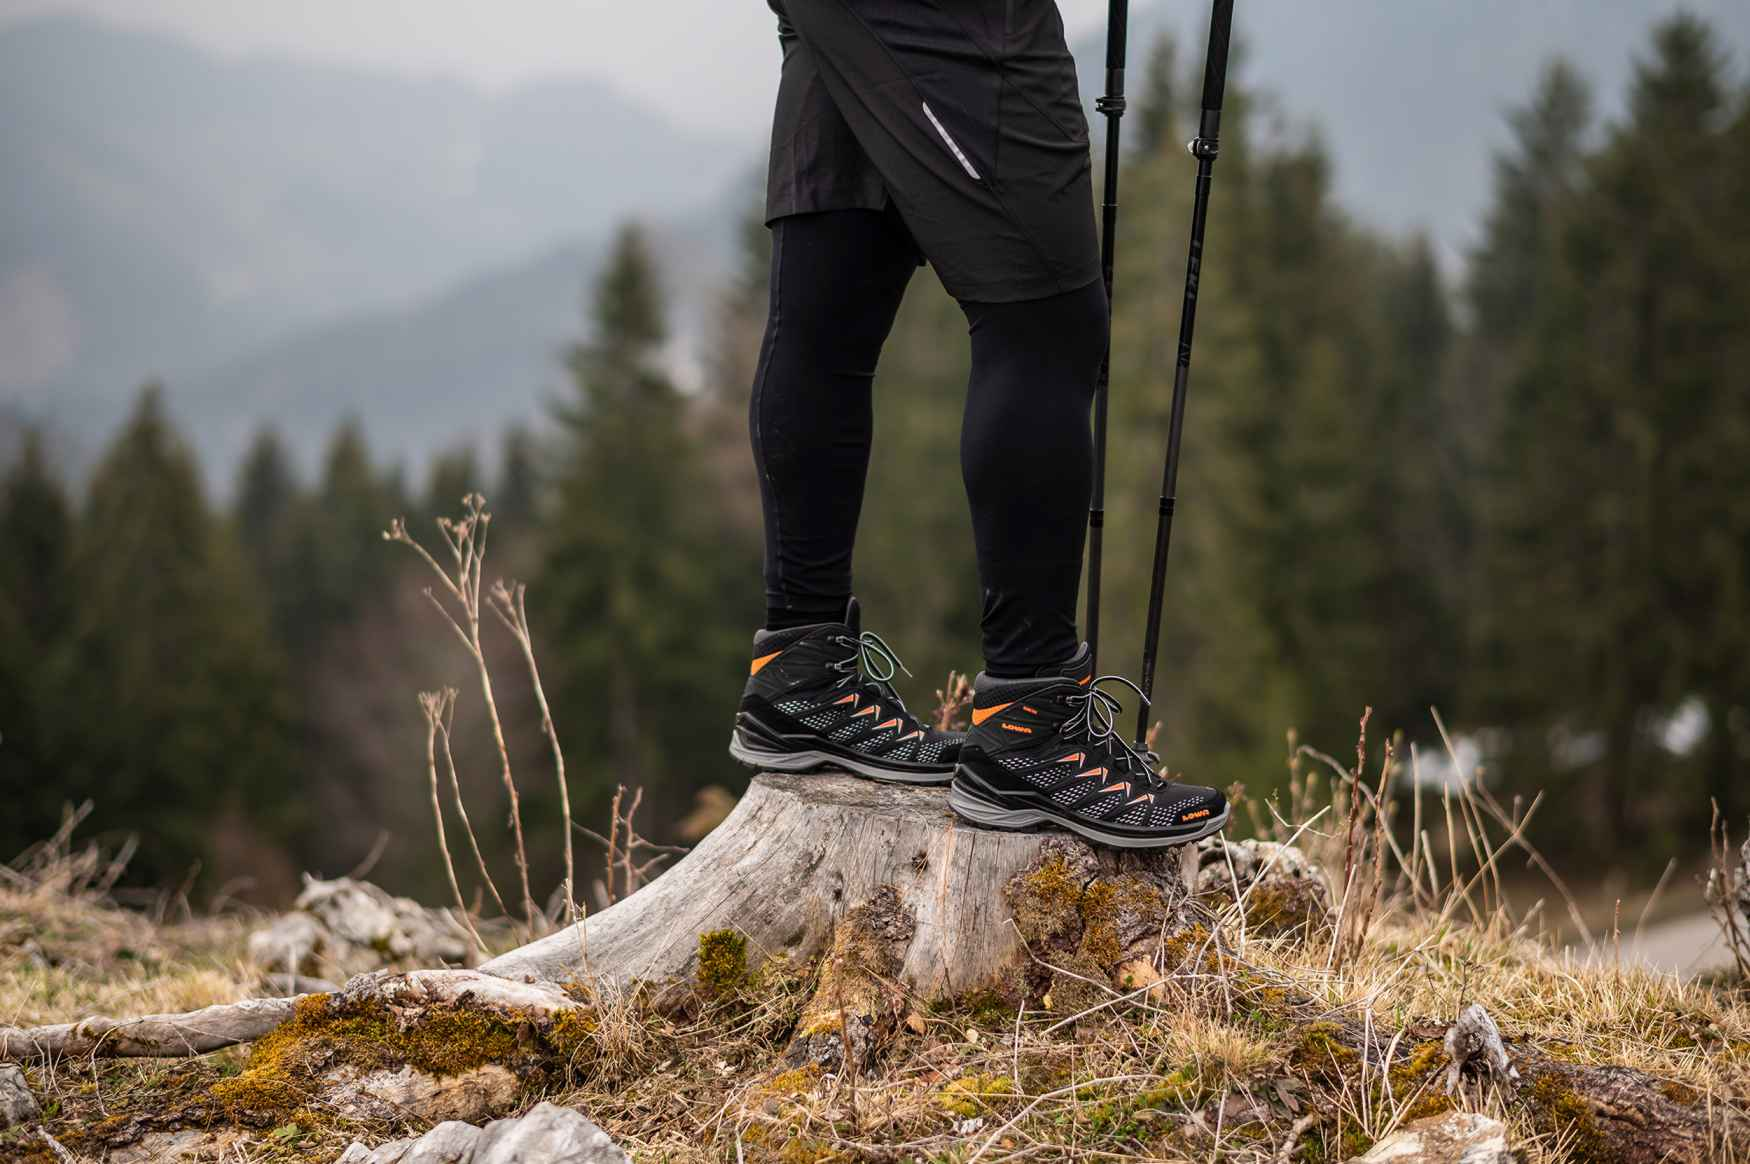 Vielseitig und leicht – der SIRKOS EVO GTX MID punktet durch zahlreiche funktionale Details. Für besten Komfort sorgt die hochgezogene LOWA-MONOWRAP®-Sohlenkonstruktion, die mit dem Schaft eine feste Einheit bildet. Damit ist der Schuh für zahlreiche Outdoor-Abenteuer bestens gerüstet.